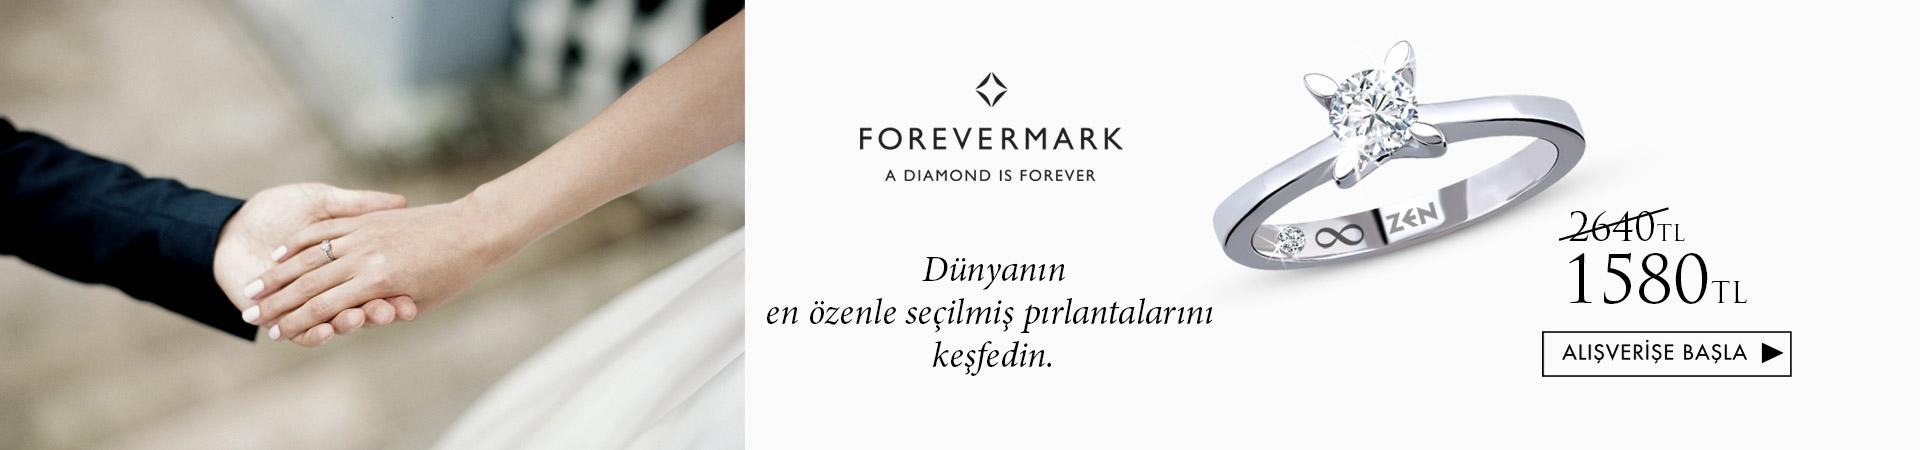 Forevermark 1580 TL den başlayan fiyatlarla